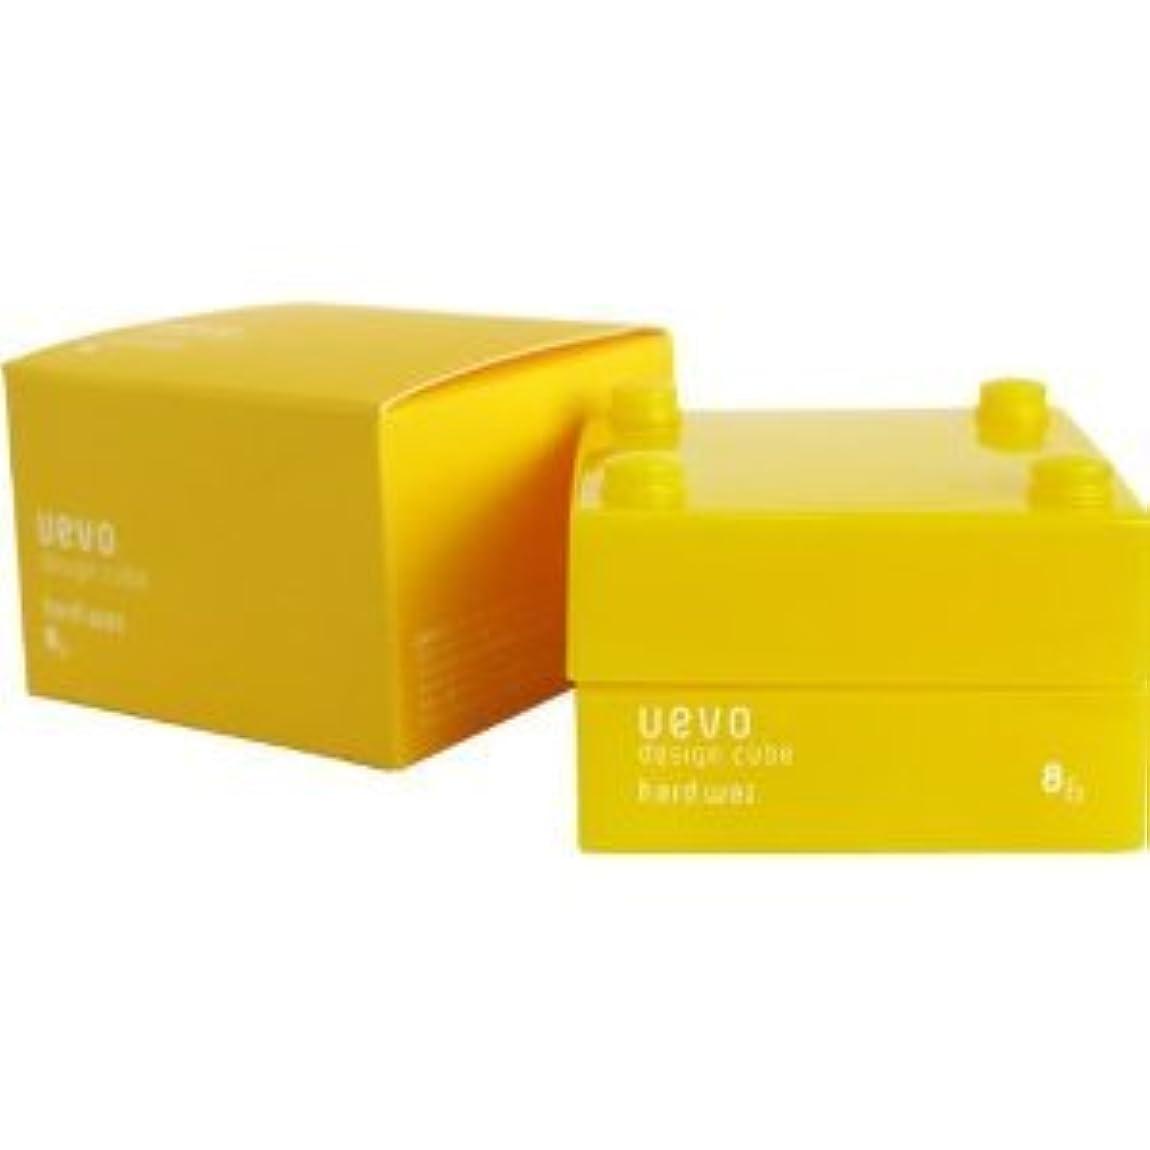 本を読むムスタチオリベラル【X2個セット】 デミ ウェーボ デザインキューブ ハードワックス 30g hard wax DEMI uevo design cube